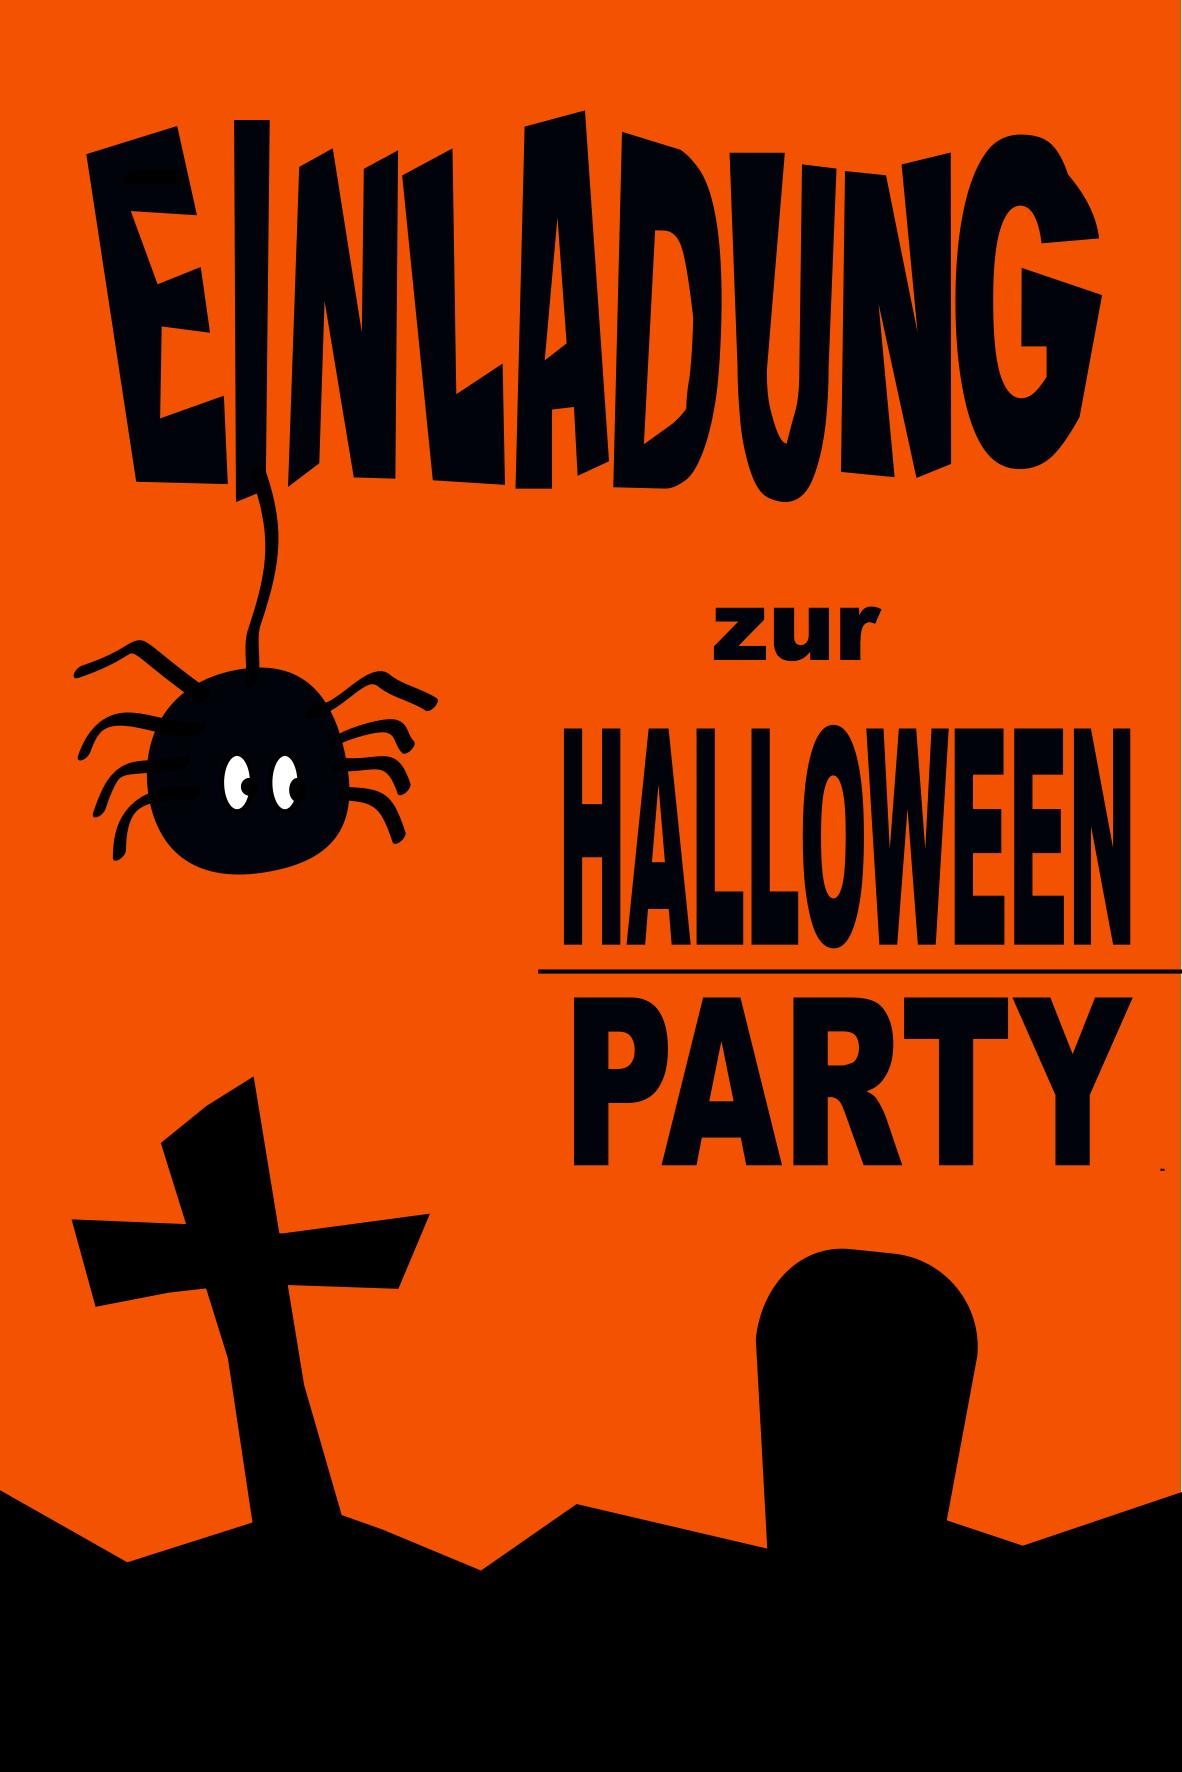 unsere besten  einfachsten ideen für eine halloween party